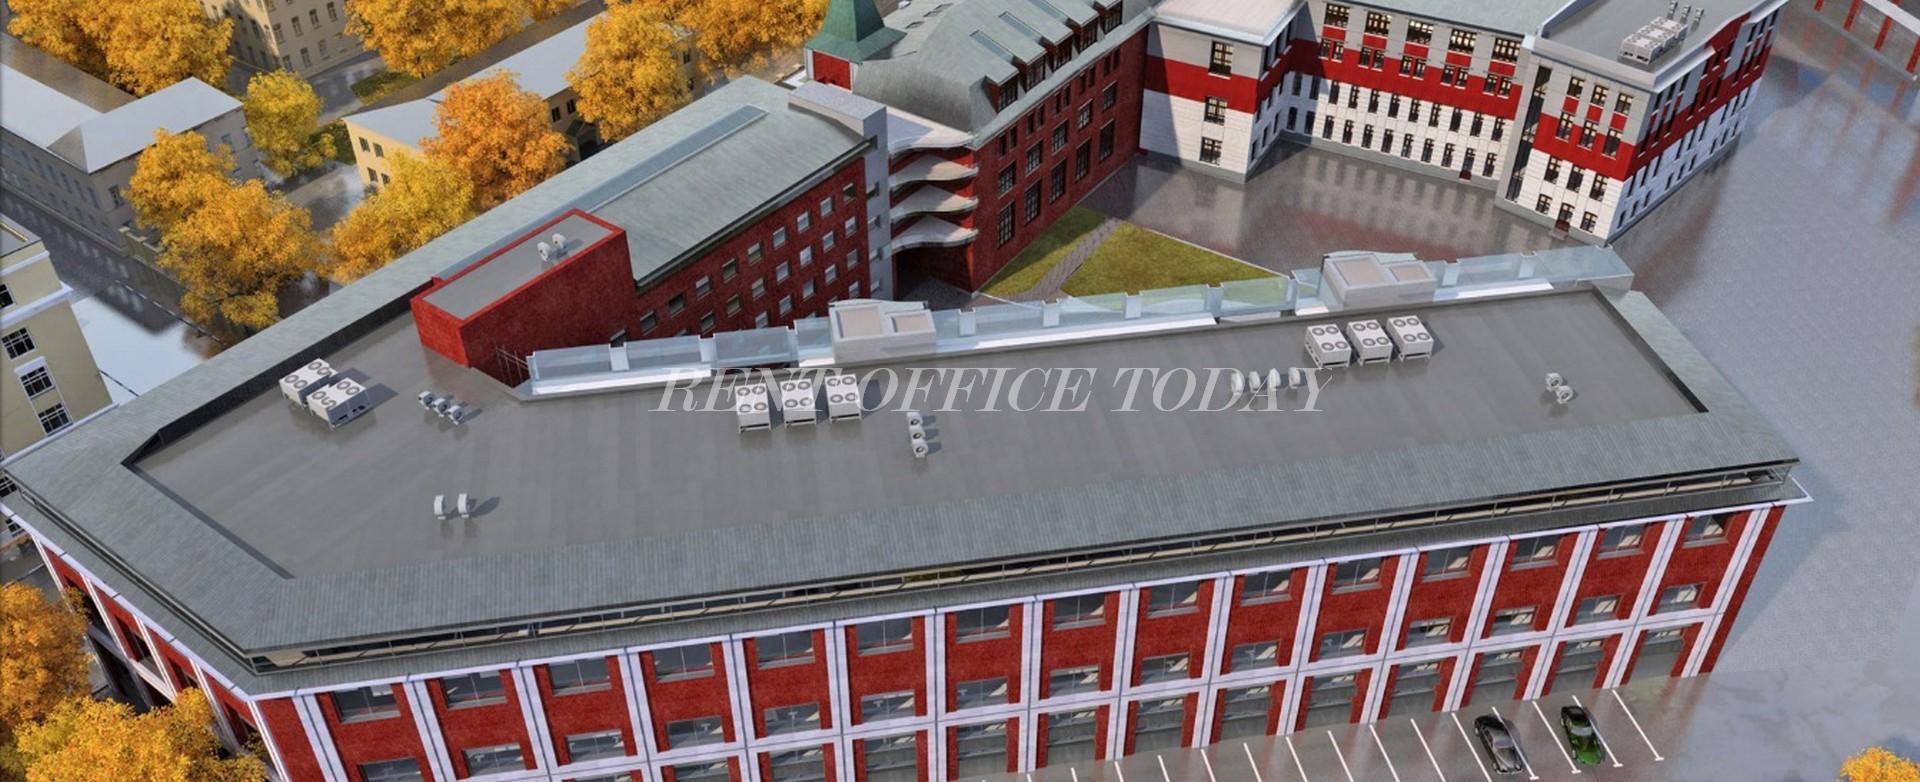 location de bureau stanislavsky factory-6